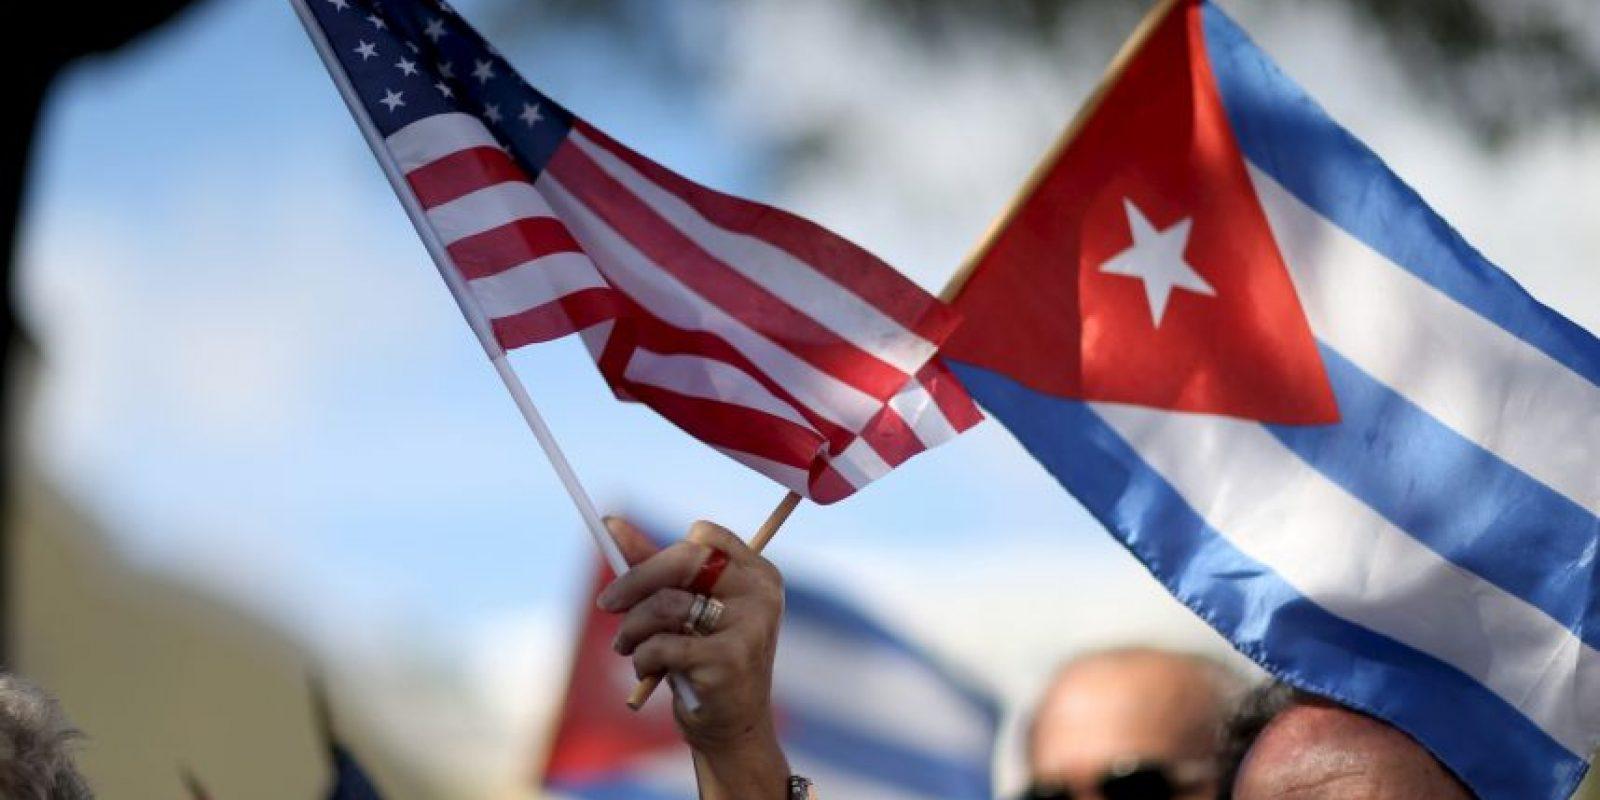 5 cambios tras restablecimiento de relaciones diplomáticas entre Estados Unidos y Cuba Foto:Getty Images